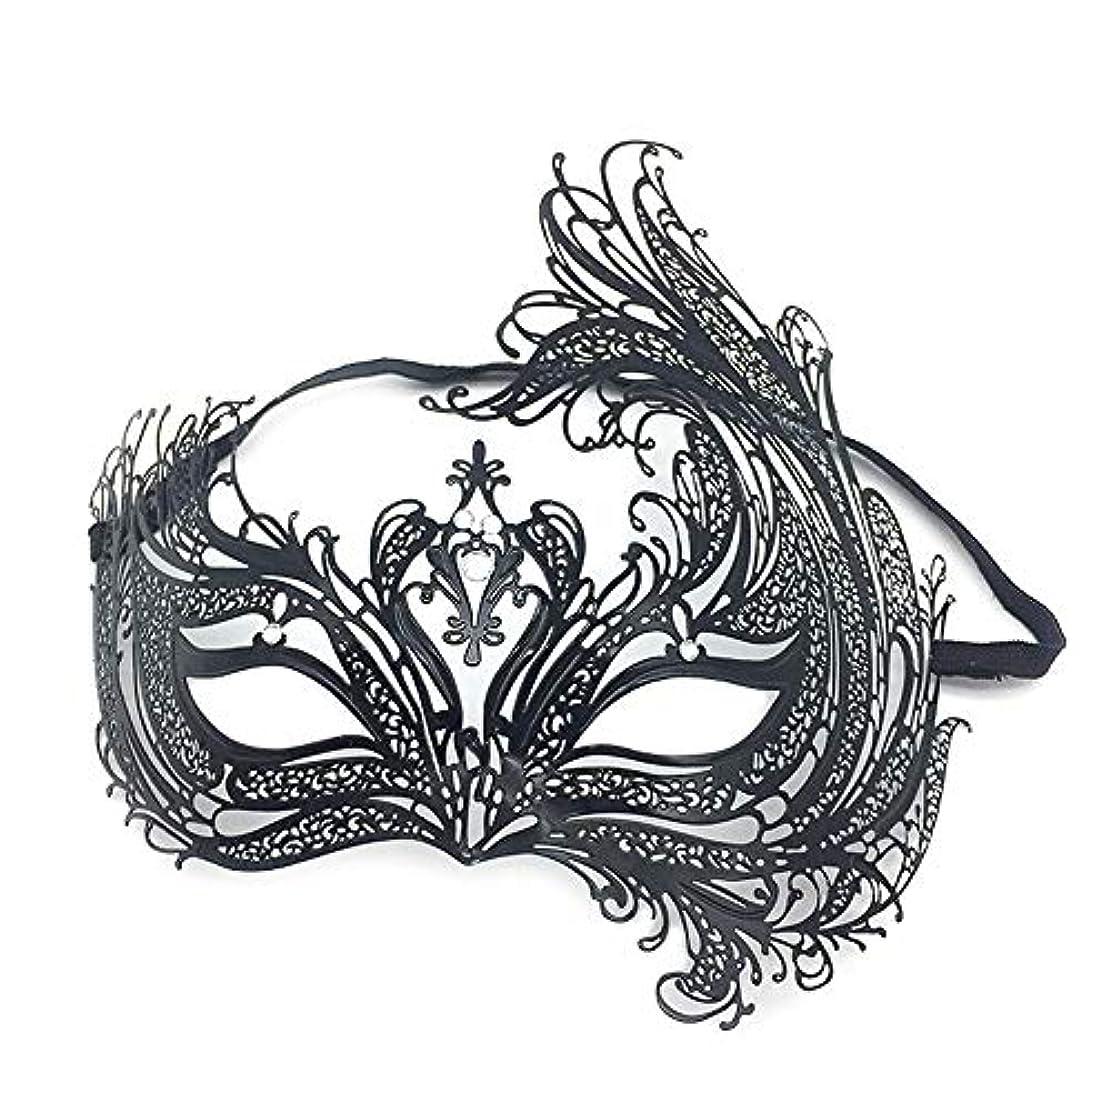 おめでとう離れてロッドダンスマスク 仮面舞踏会パーティーブラックセクシーハーフフェイスフェニックスハロウィーンロールプレイングメタルマスクガール ホリデーパーティー用品 (色 : ブラック, サイズ : 20x19cm)